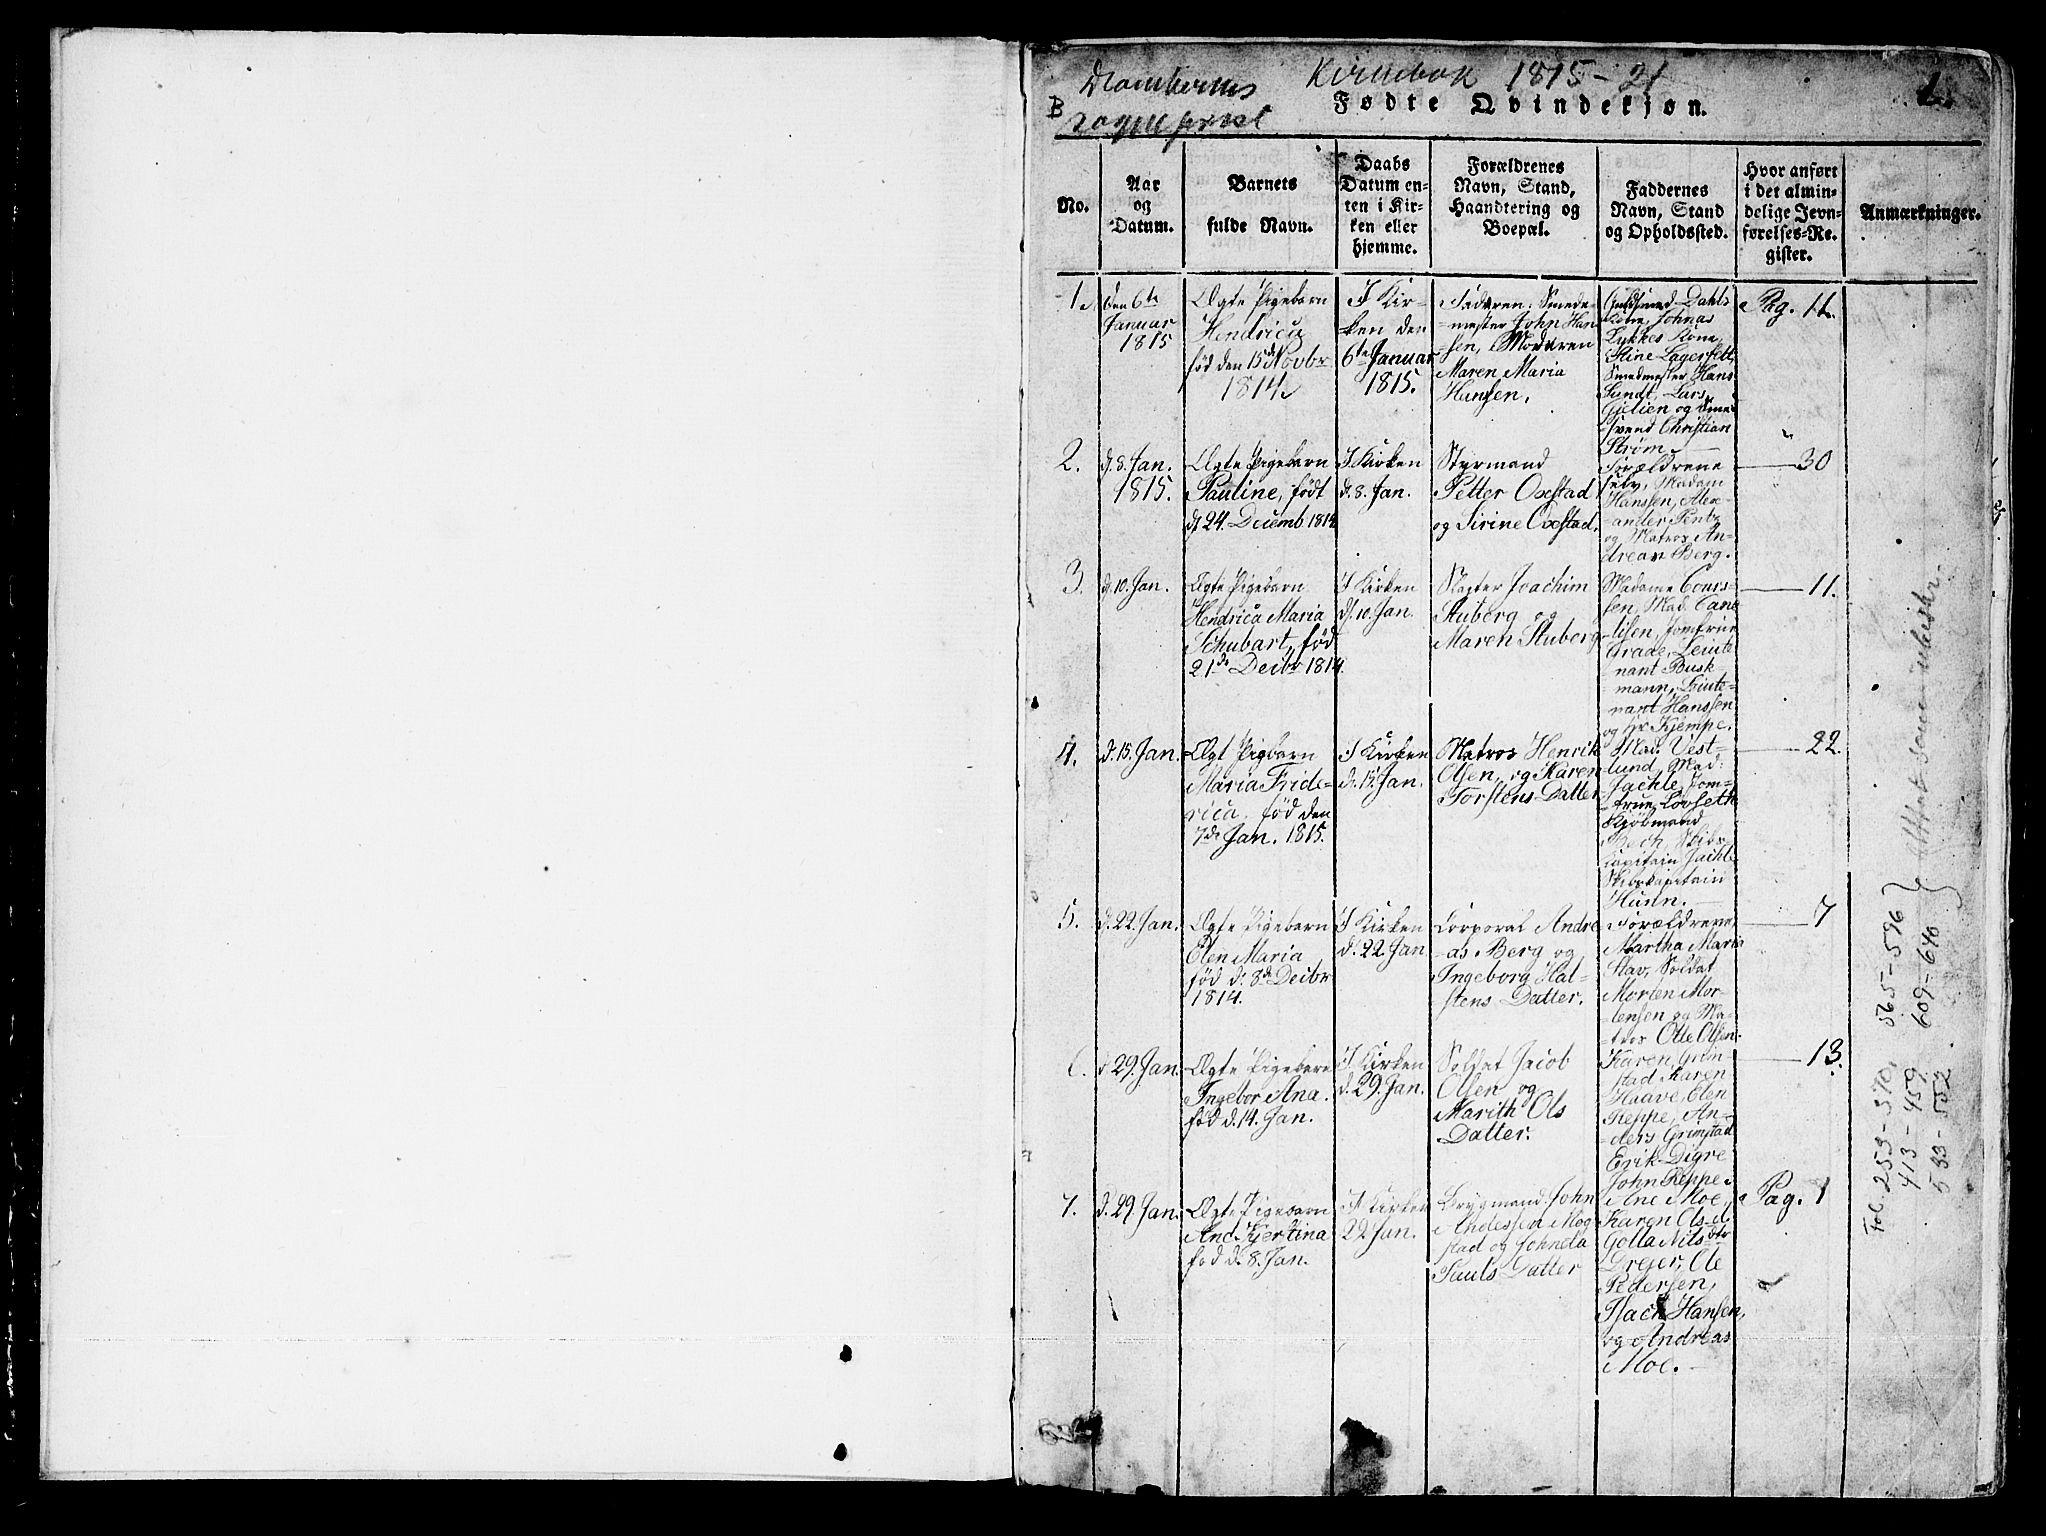 SAT, Ministerialprotokoller, klokkerbøker og fødselsregistre - Sør-Trøndelag, 601/L0043: Ministerialbok nr. 601A11, 1815-1821, s. 0-1